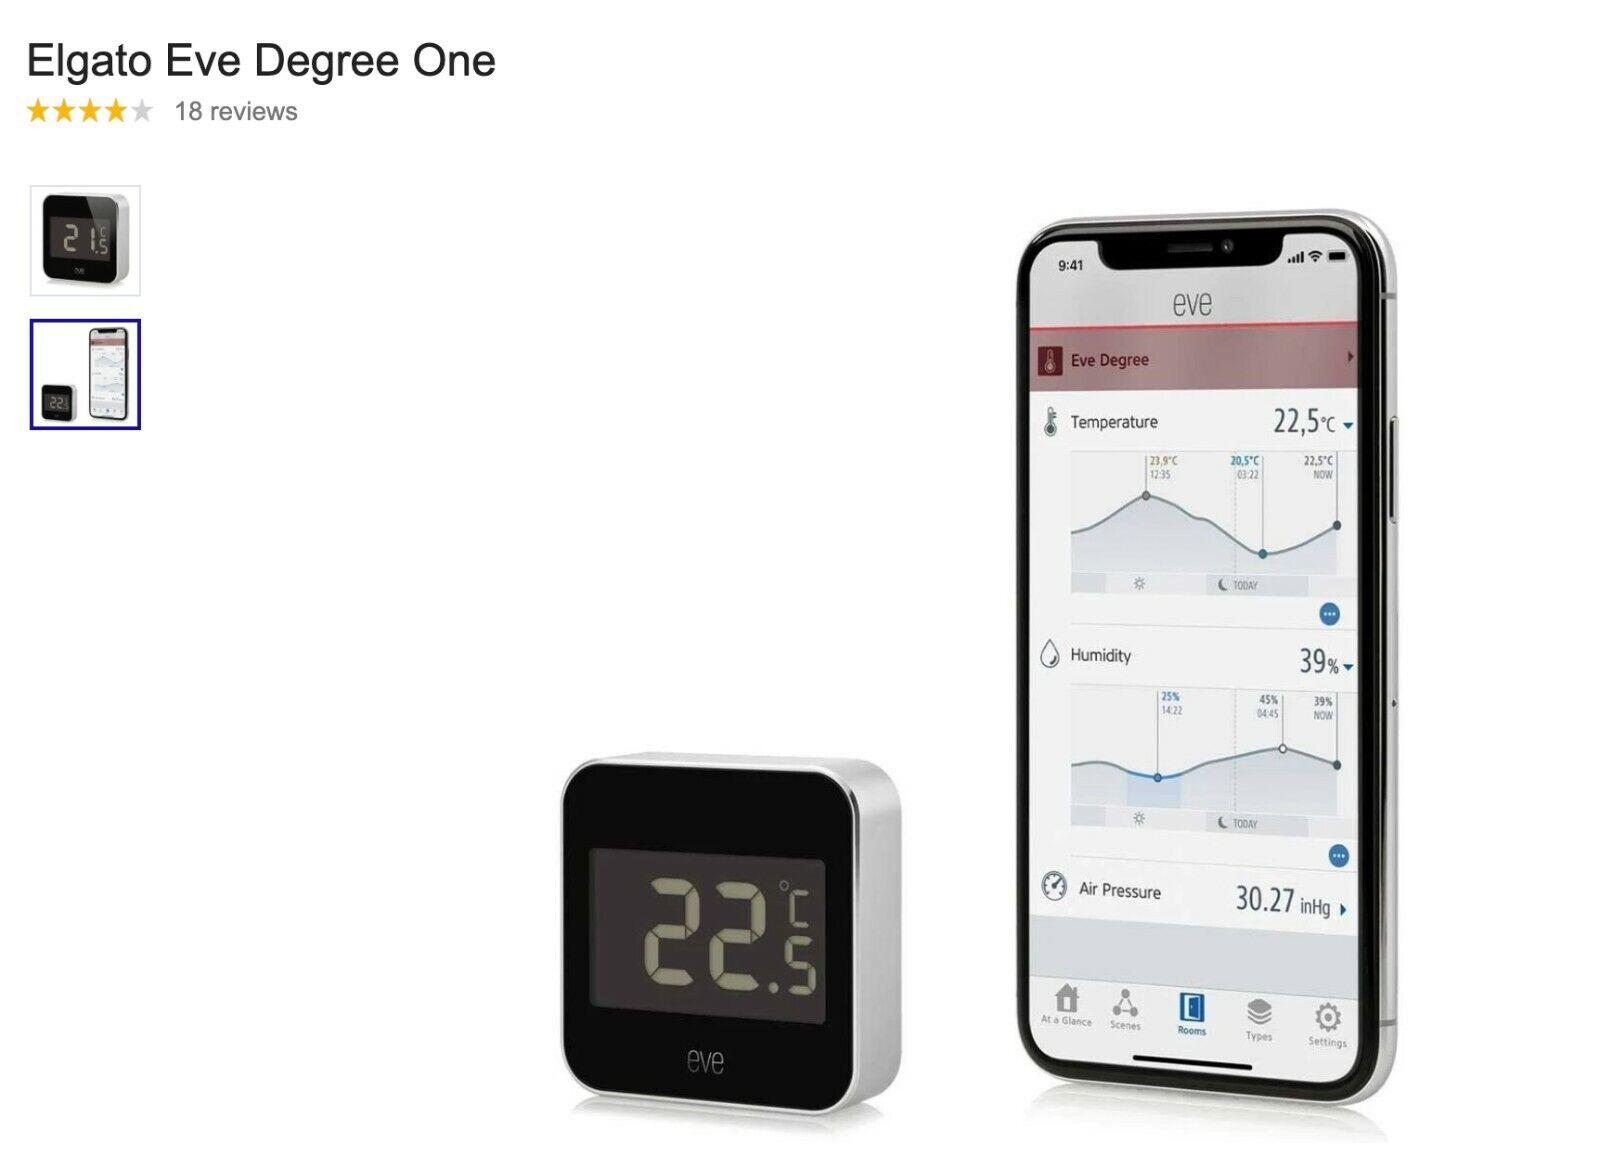 Elgato Eve Degree, Temperature & Humidity Monitor w/ Apple